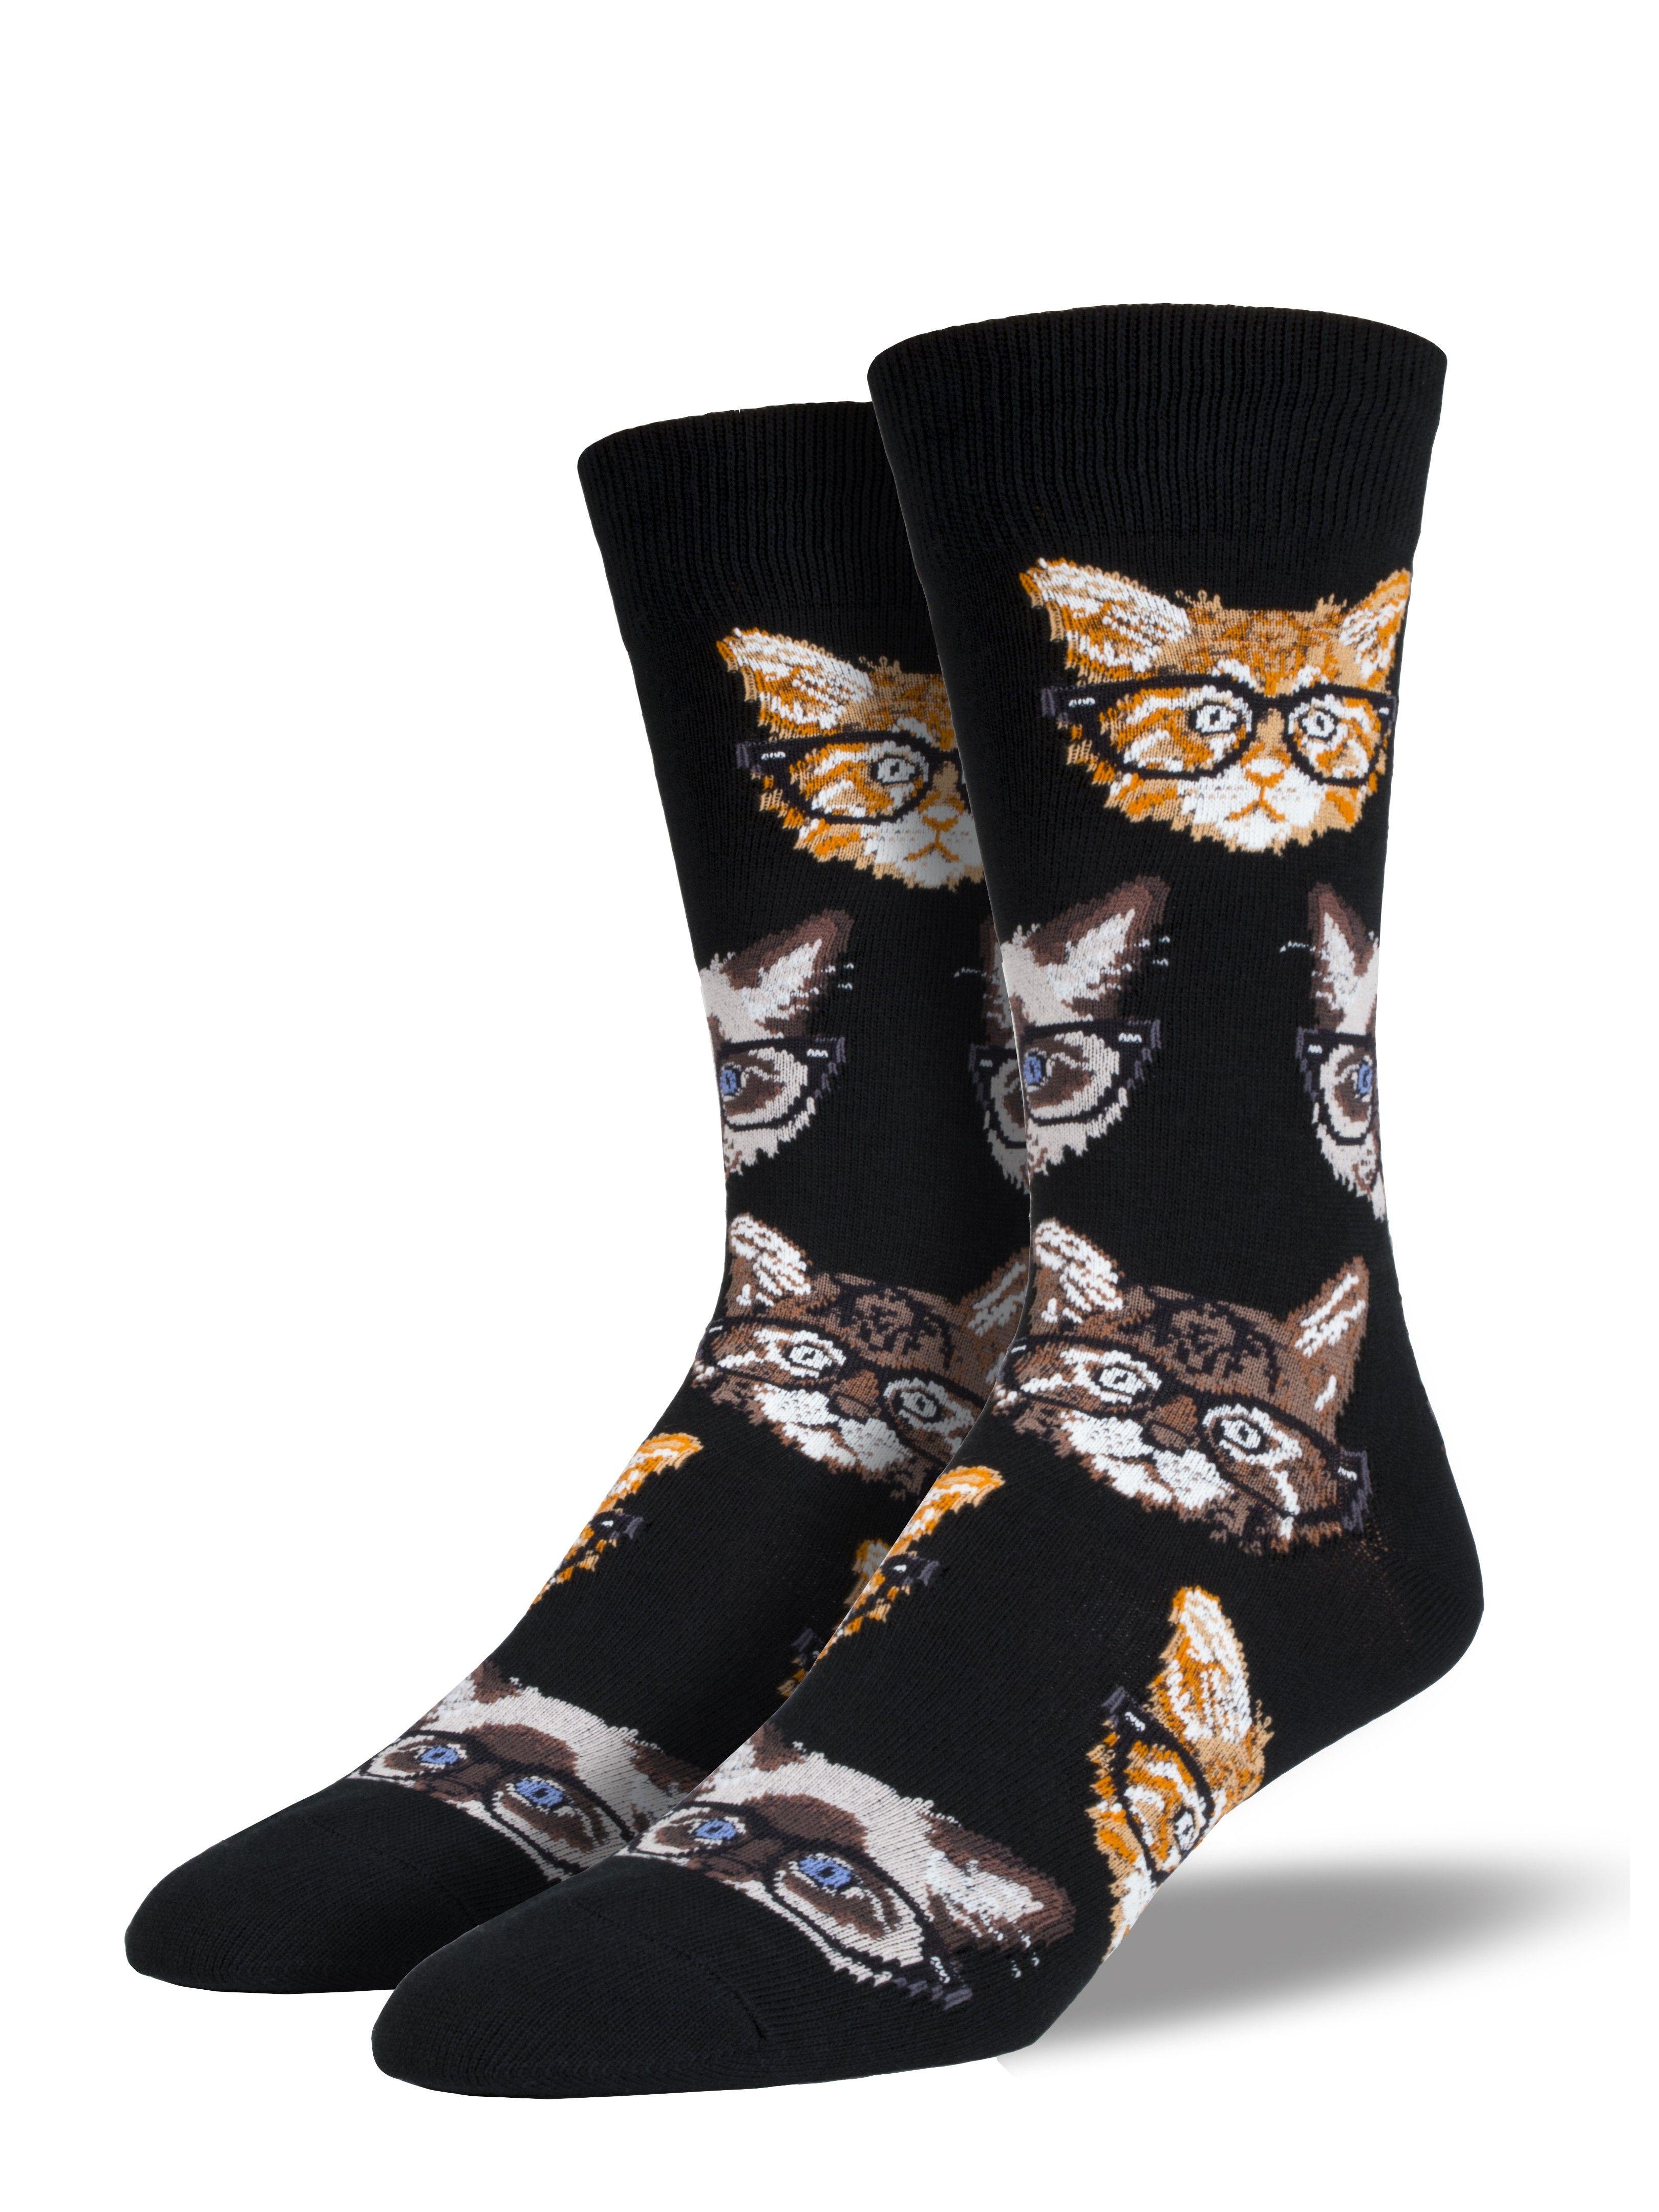 Men's Kittenster Cat wearing glasses, Crew socks, Sock shoes